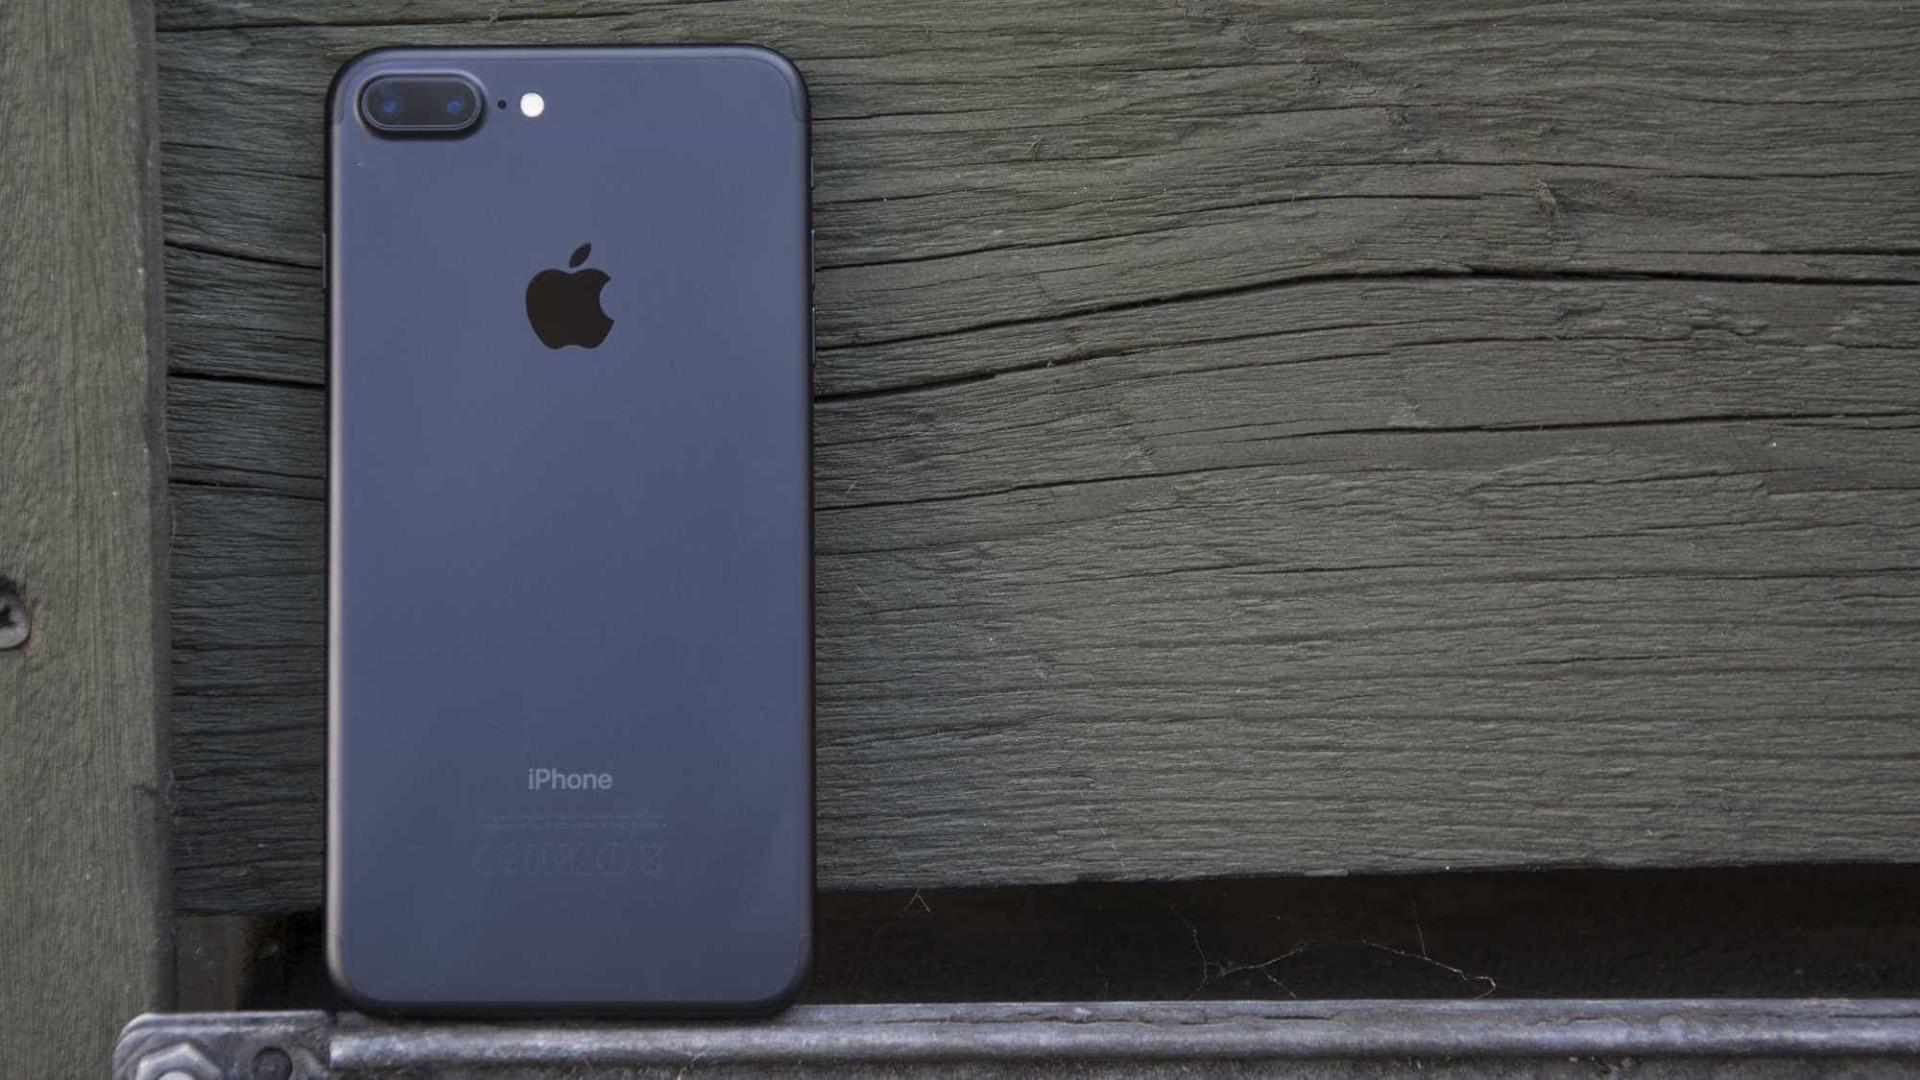 O iPhone 7 Plus foi o segundo smartphone mais vendido na China em 2017